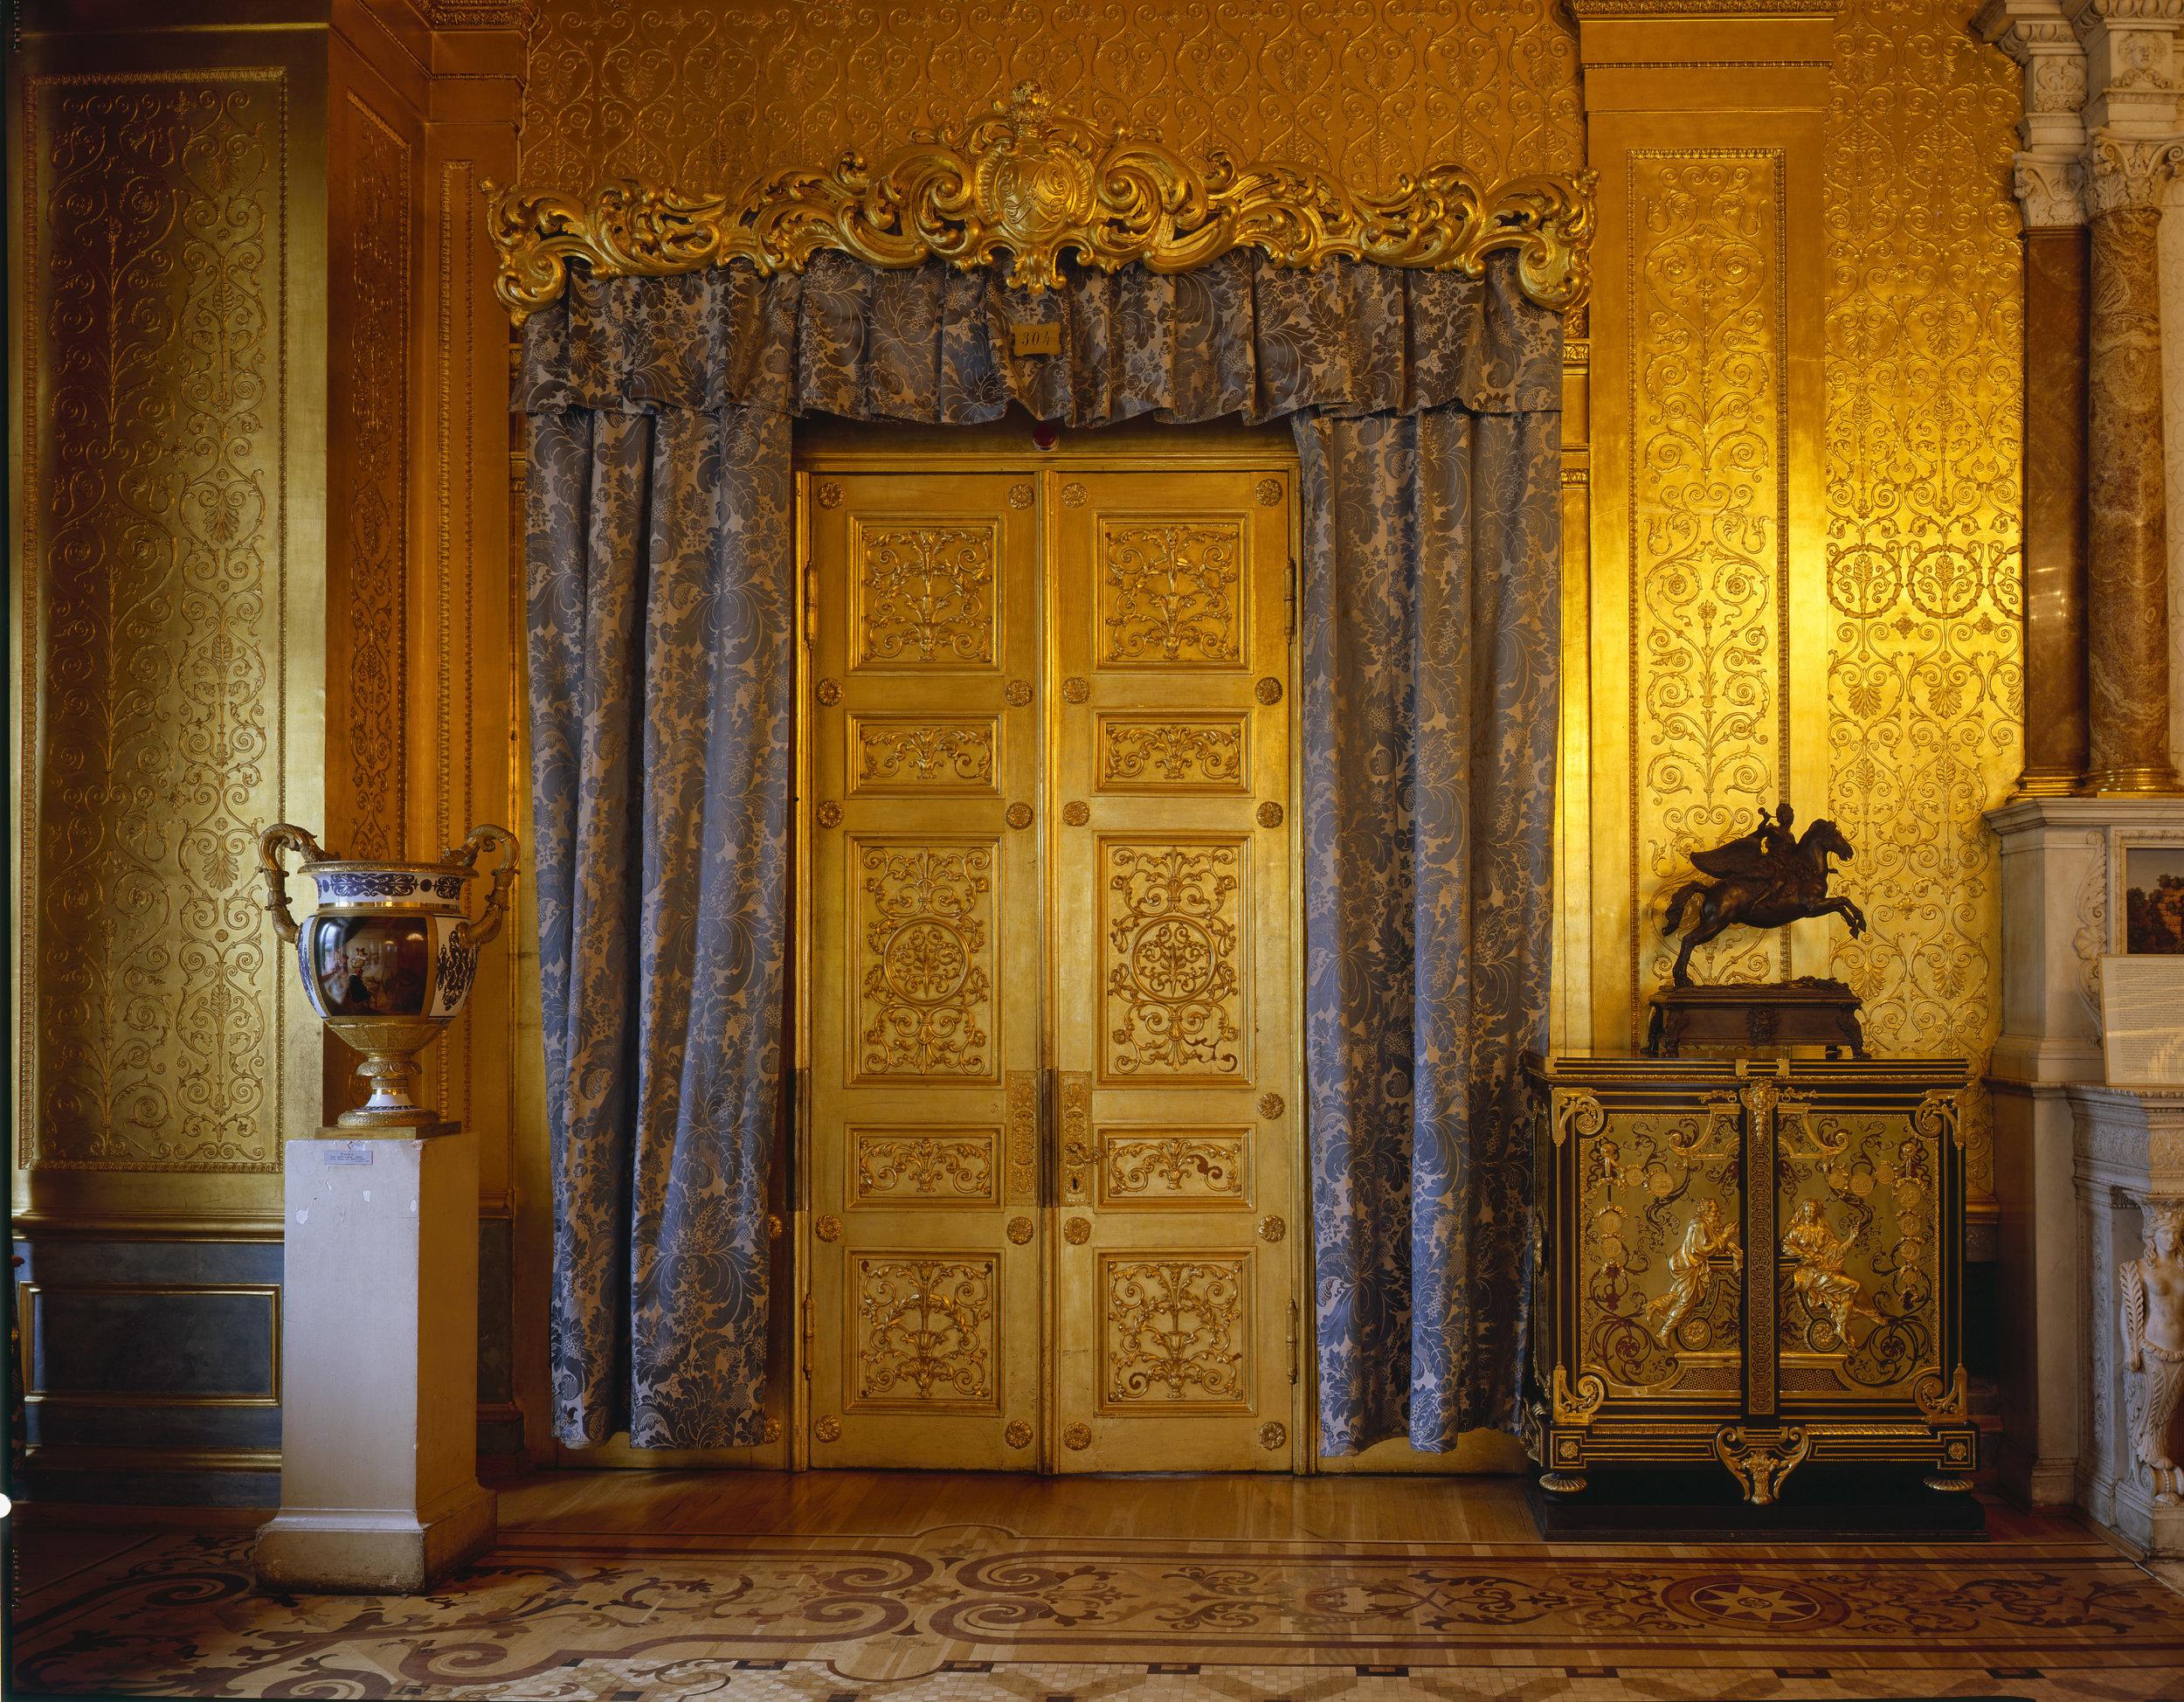 Salon doré,  Musée de l'Ermitage - Saint-Pétersbourg 2008